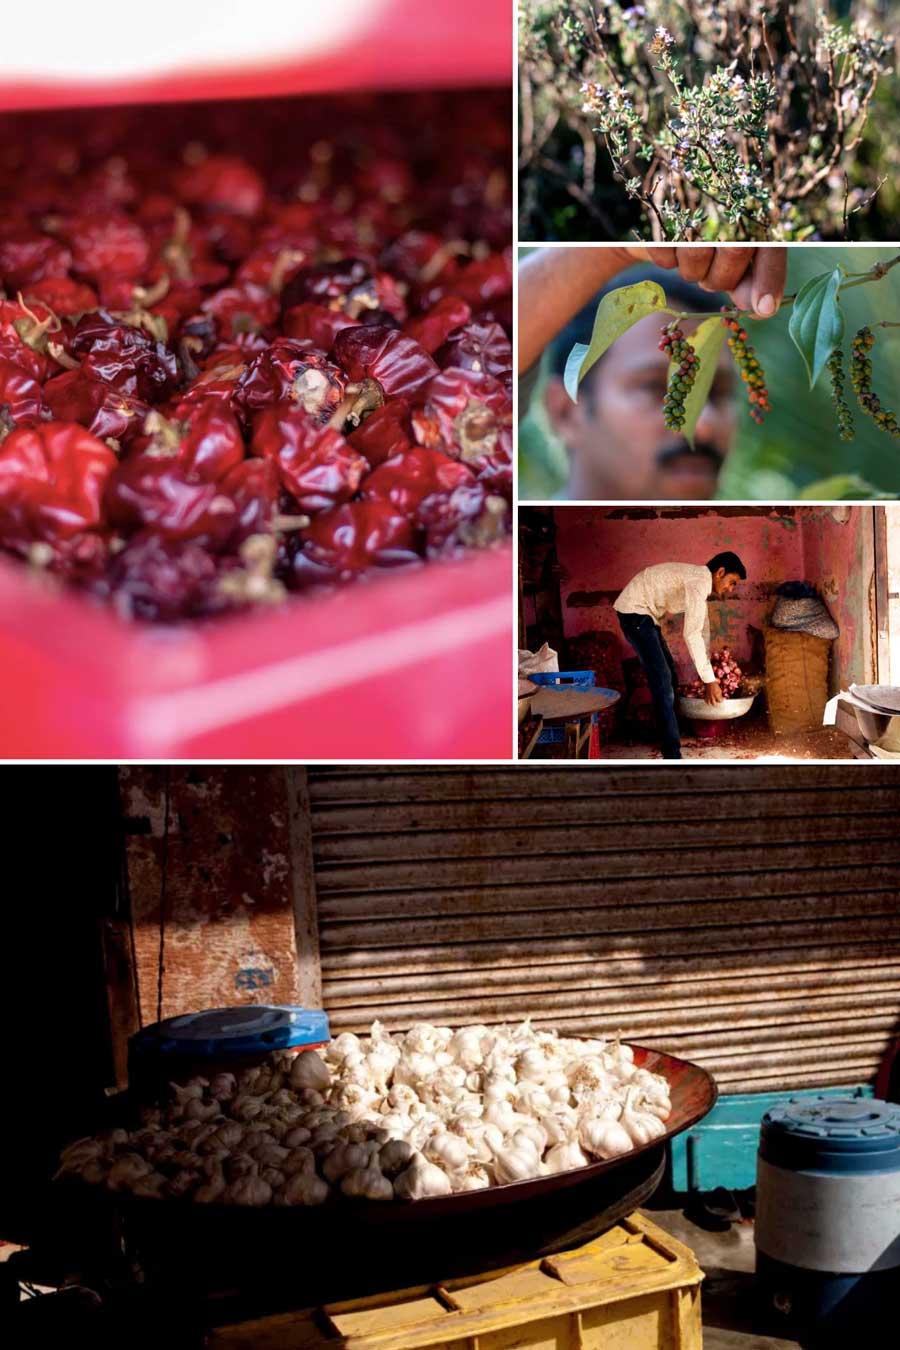 Mosaïque de photos montrant des épices sèches et fraîches qui servant à la préparation du mélange cajun